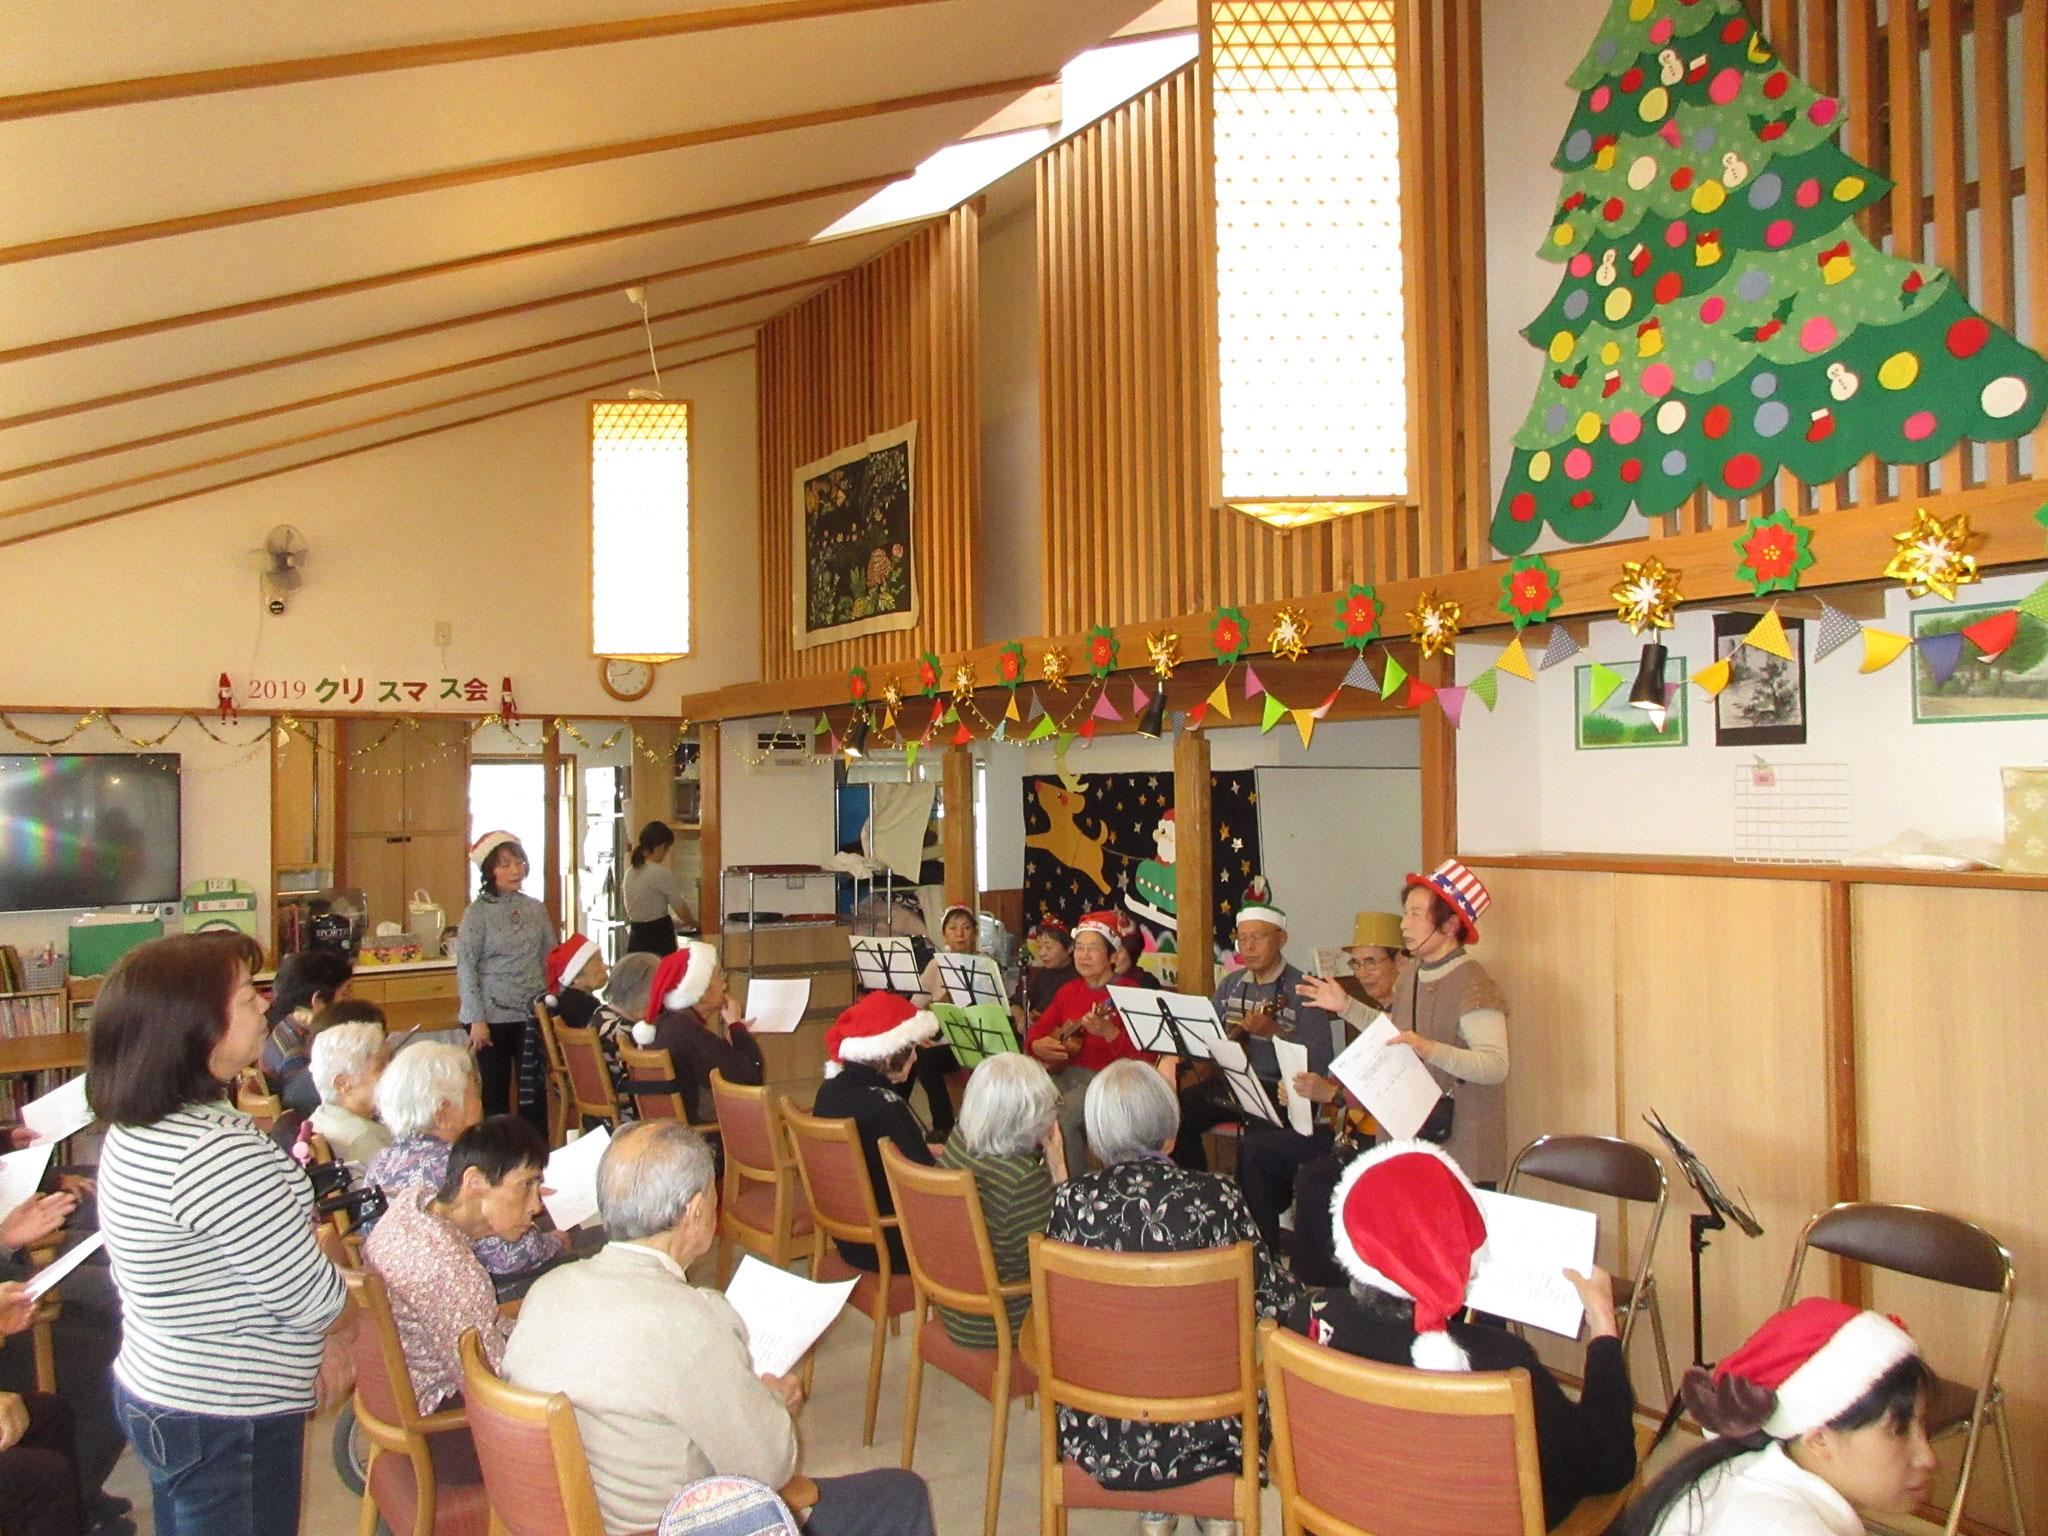 クリスマスのイベント